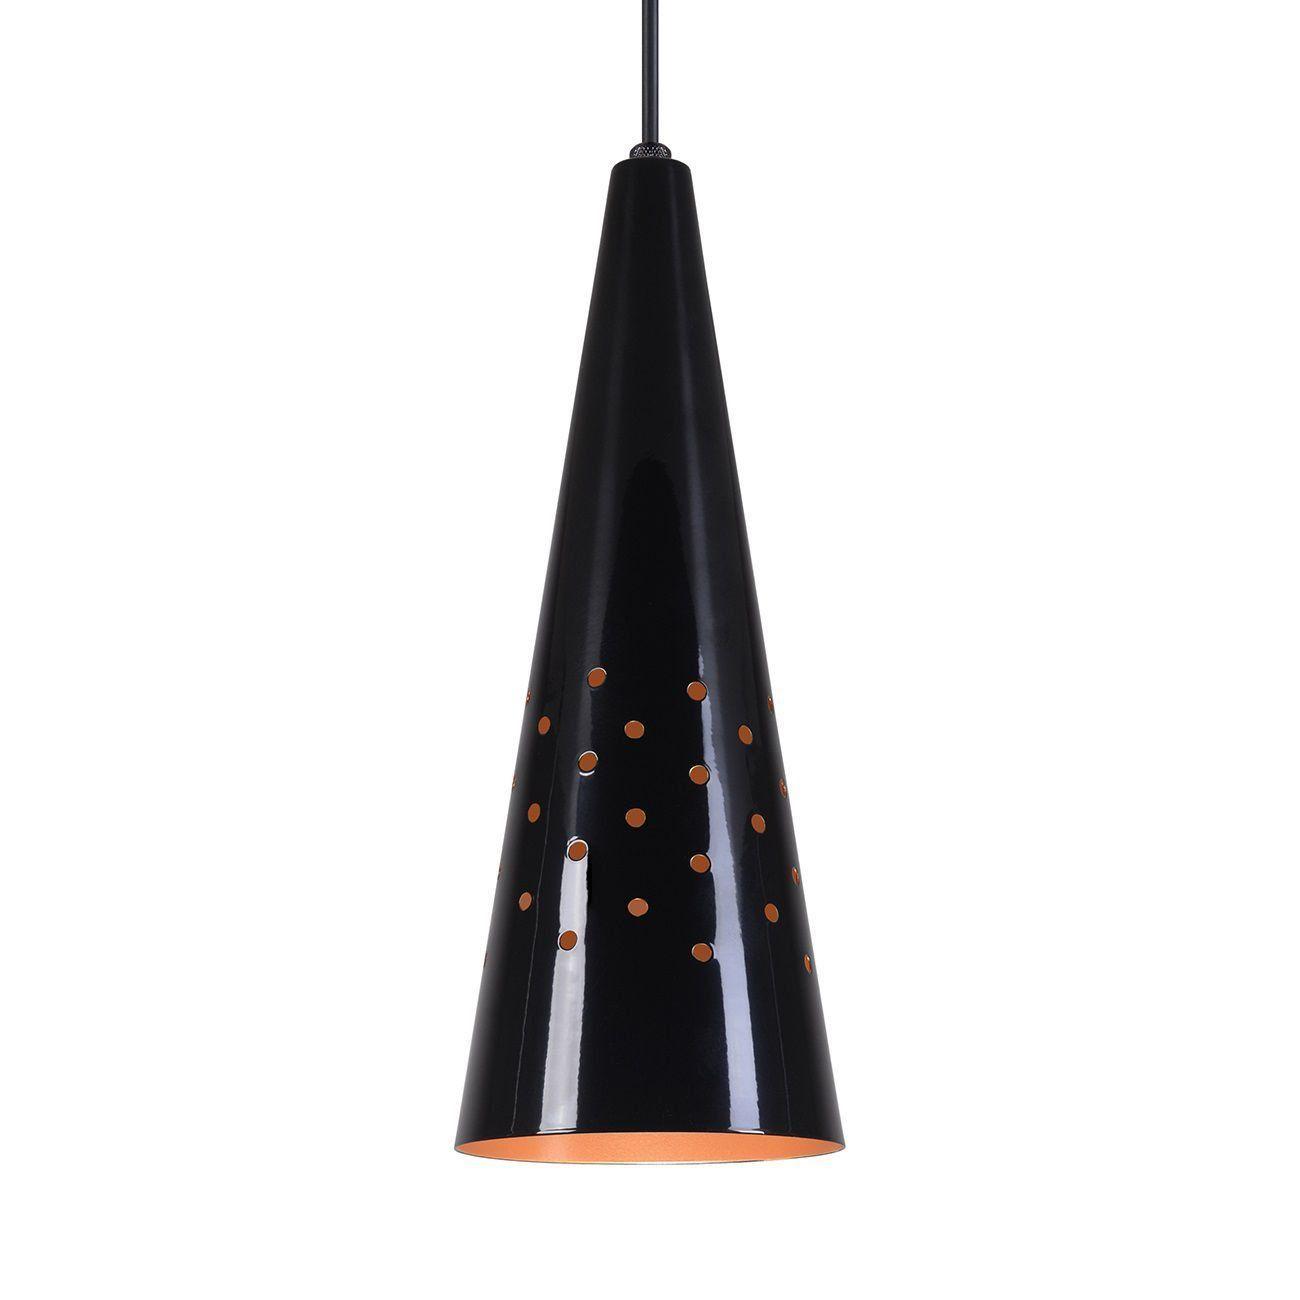 Pendente Cone Furado Luminária Lustre Alumínio Preto Brilhante C/ Cobre - Rei Da Iluminação